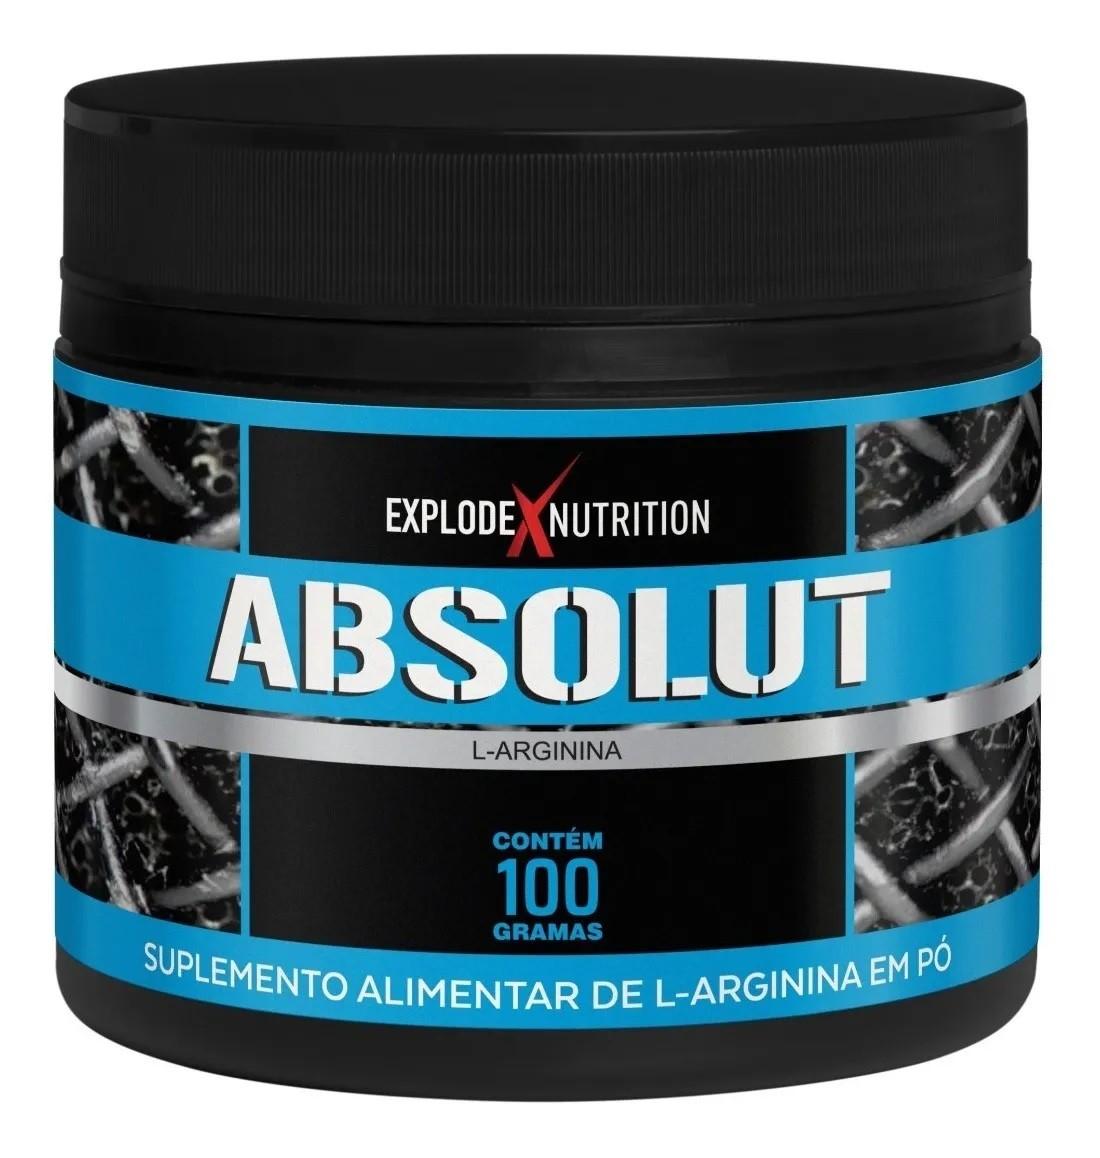 L-Arginina Absolut Explode Nutrition - 100g